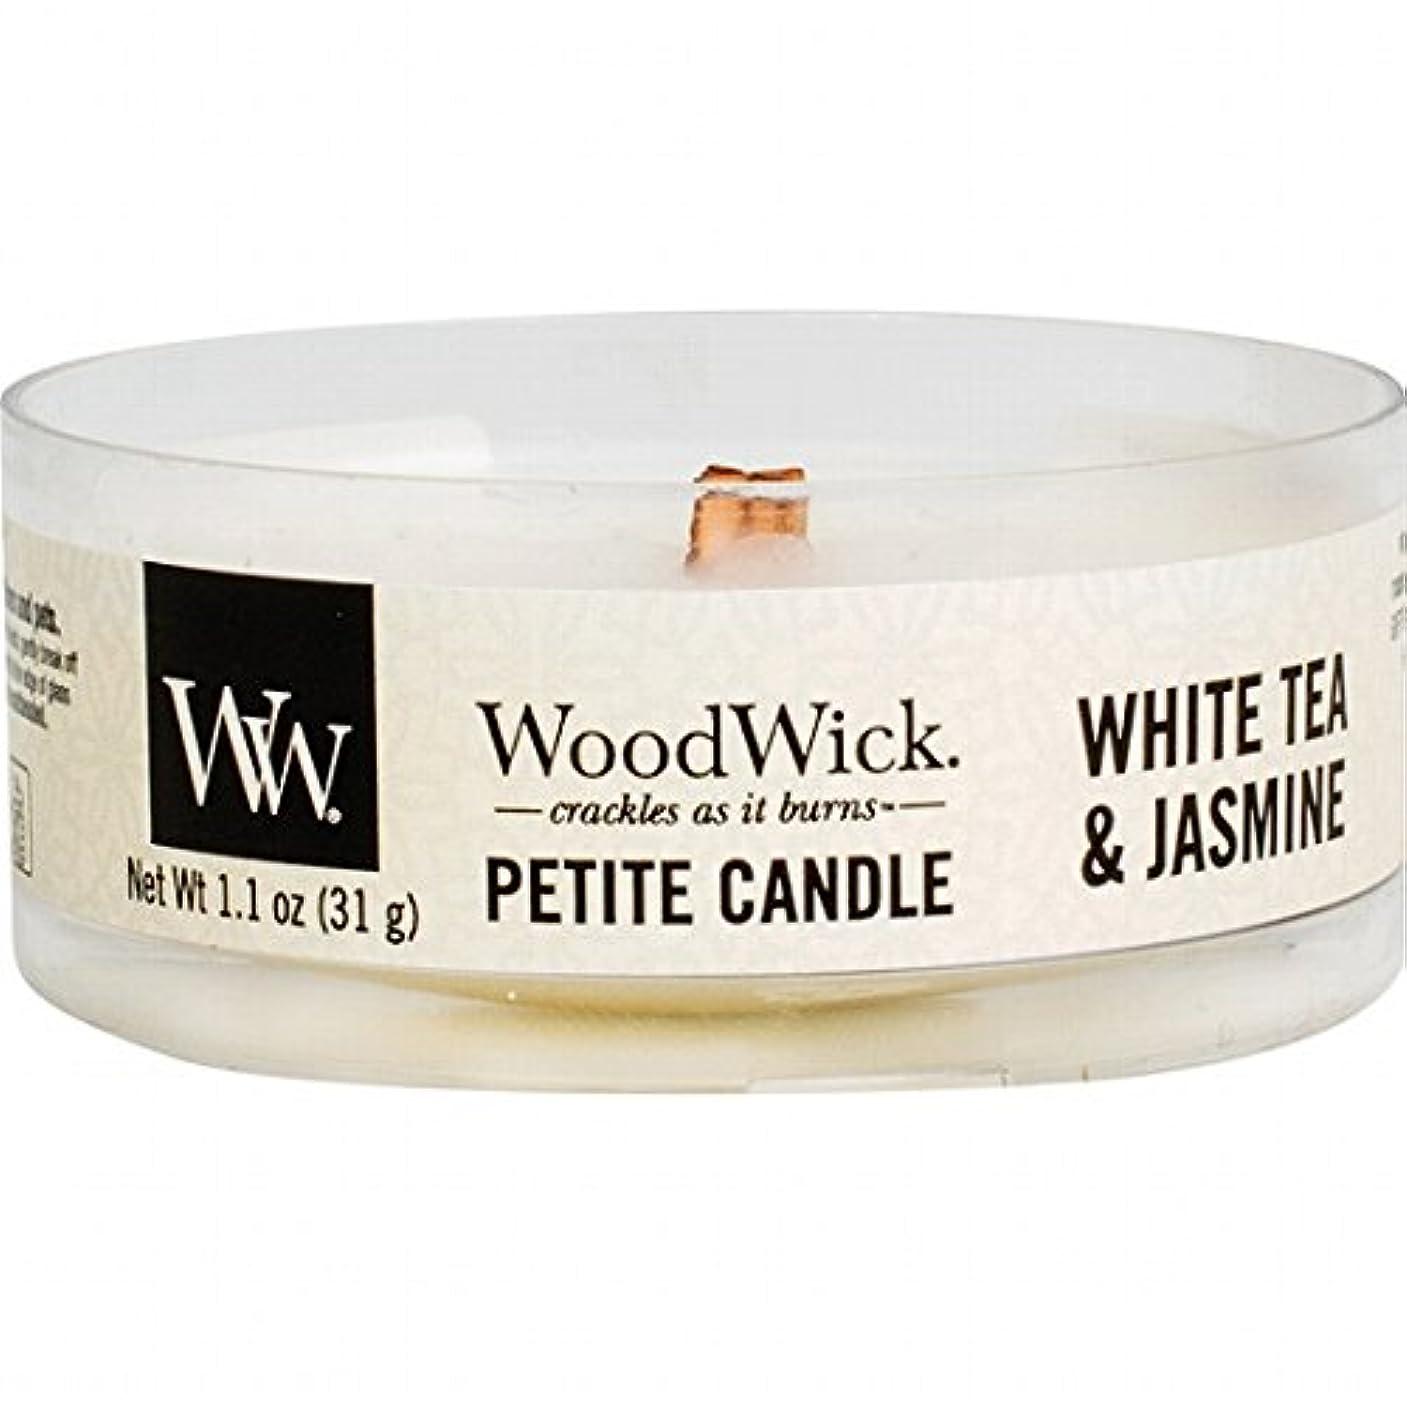 無心ティーンエイジャー入場WoodWick(ウッドウィック) プチキャンドル 「 ホワイトティー&ジャスミン 」(WW9030548)